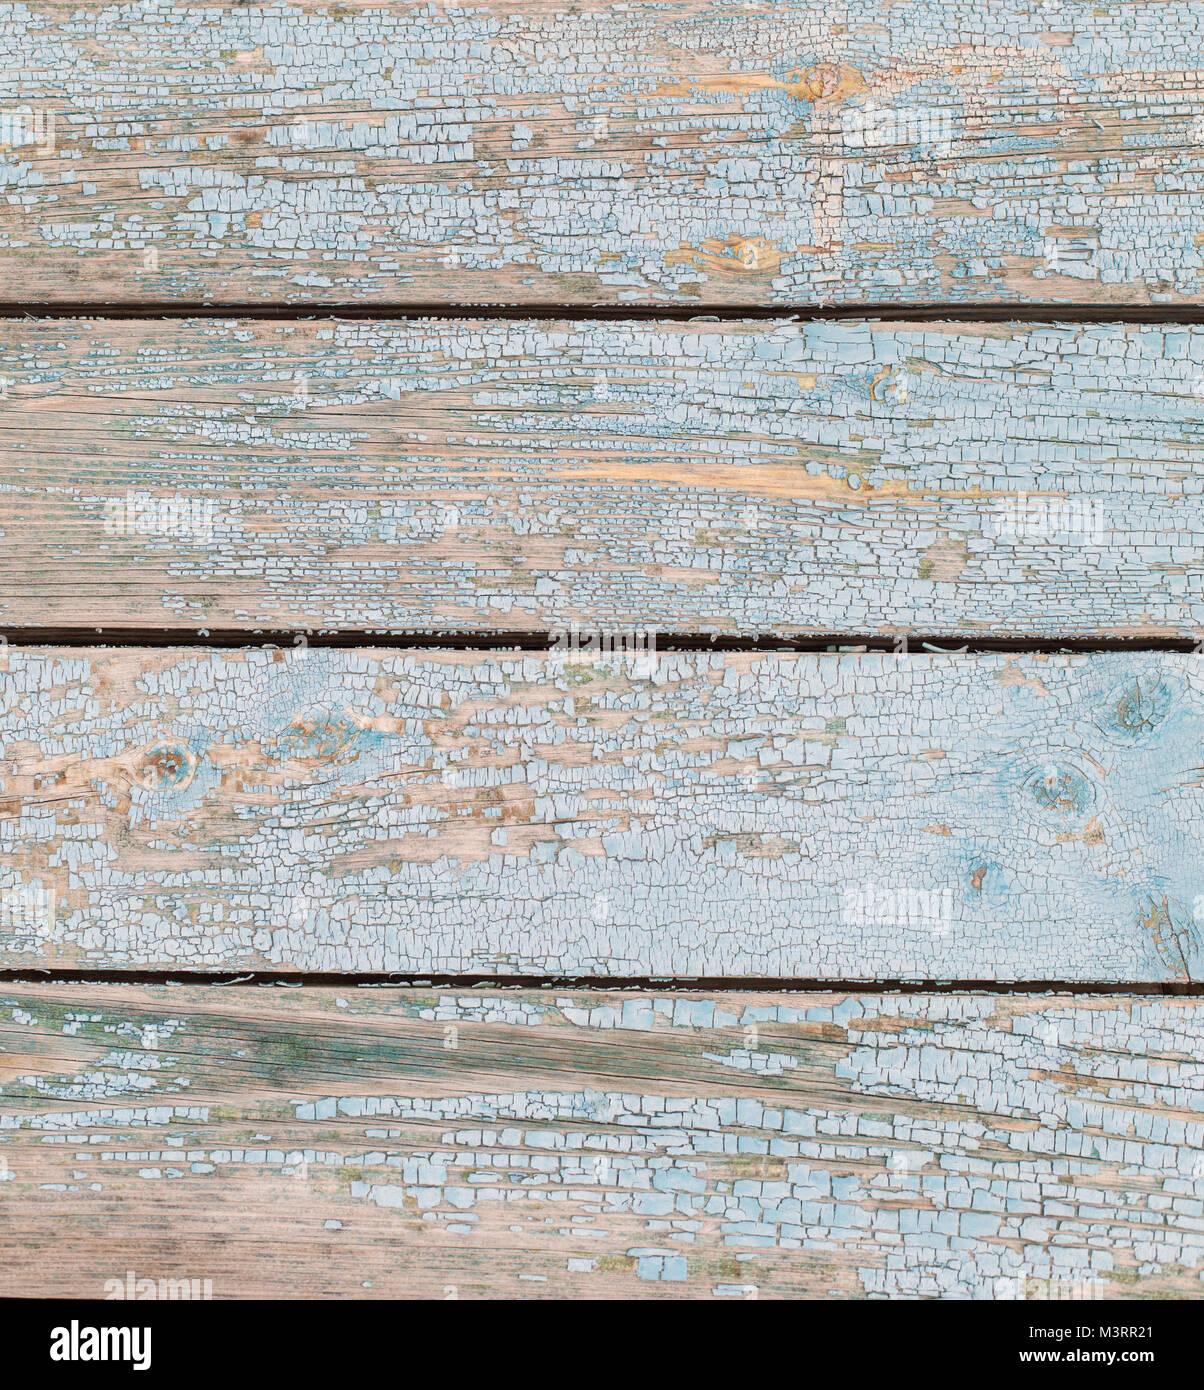 Blickfang Holz Altern Natronlauge Beste Wahl Cool Vintage Hintergrund Mit Alten Cracky Weie